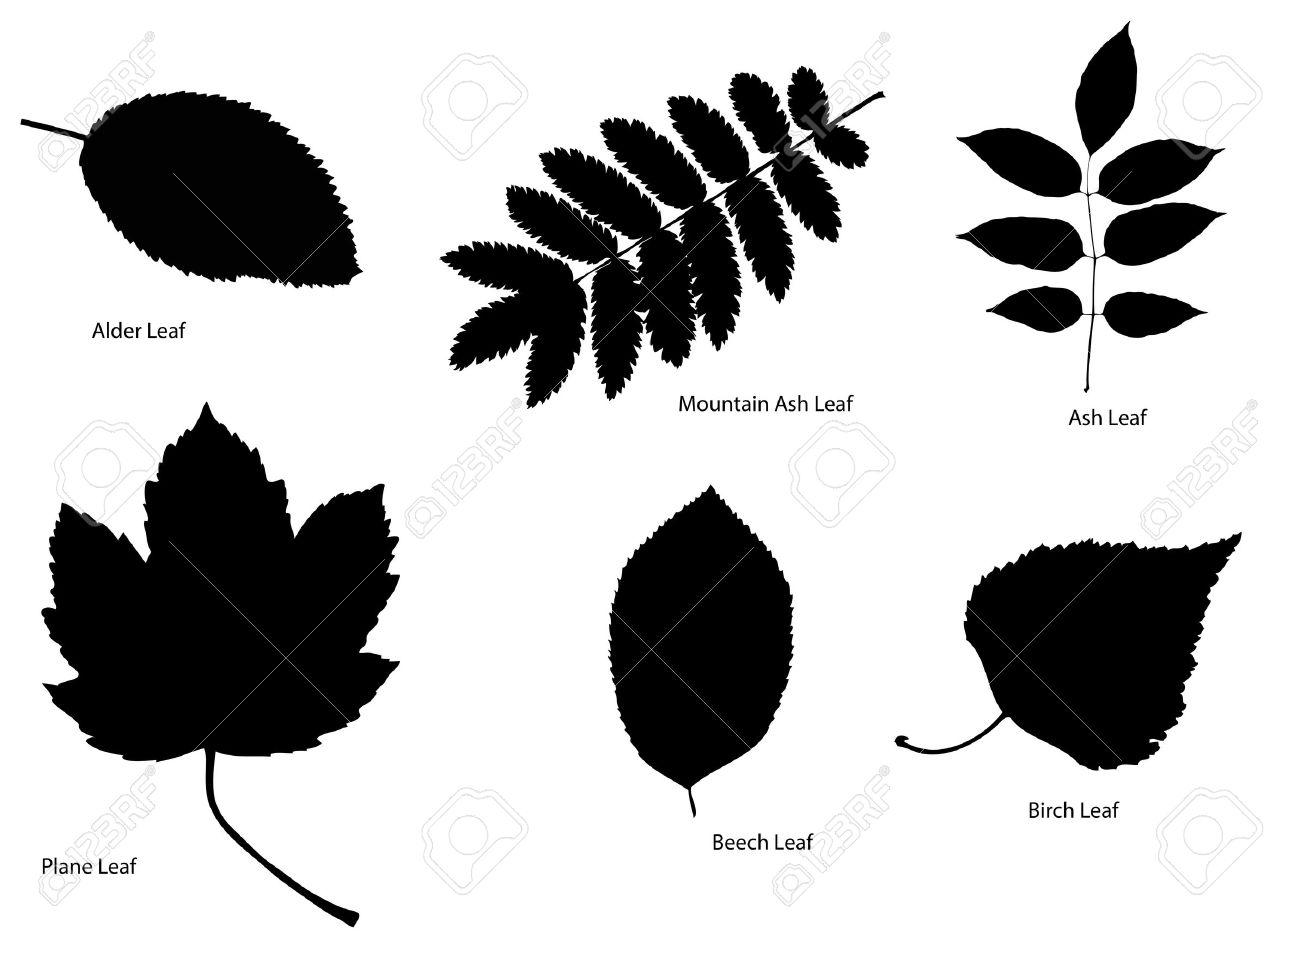 Tree Leaf Silhouettes